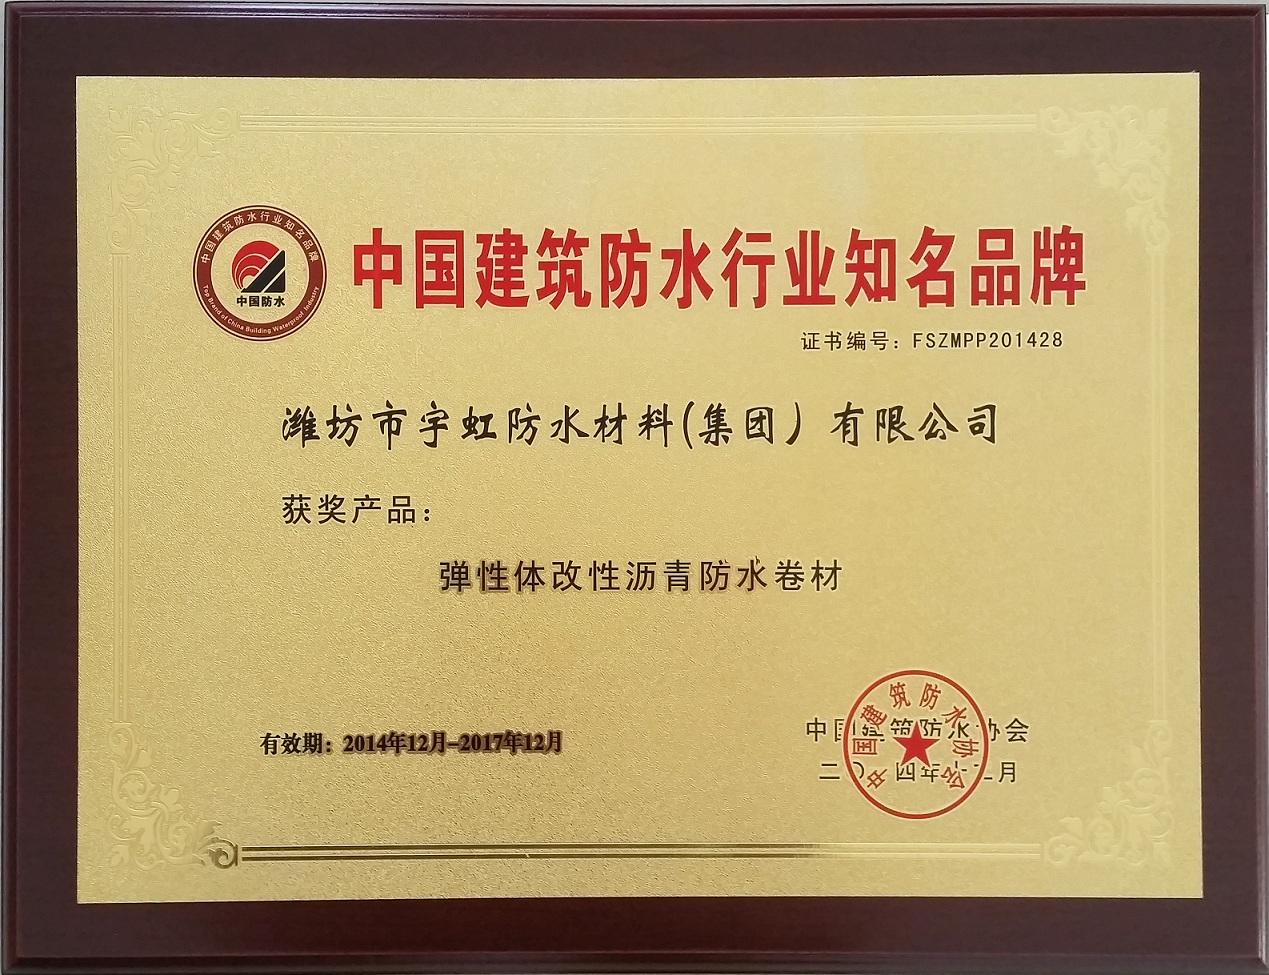 中国建筑防水行业知名品牌